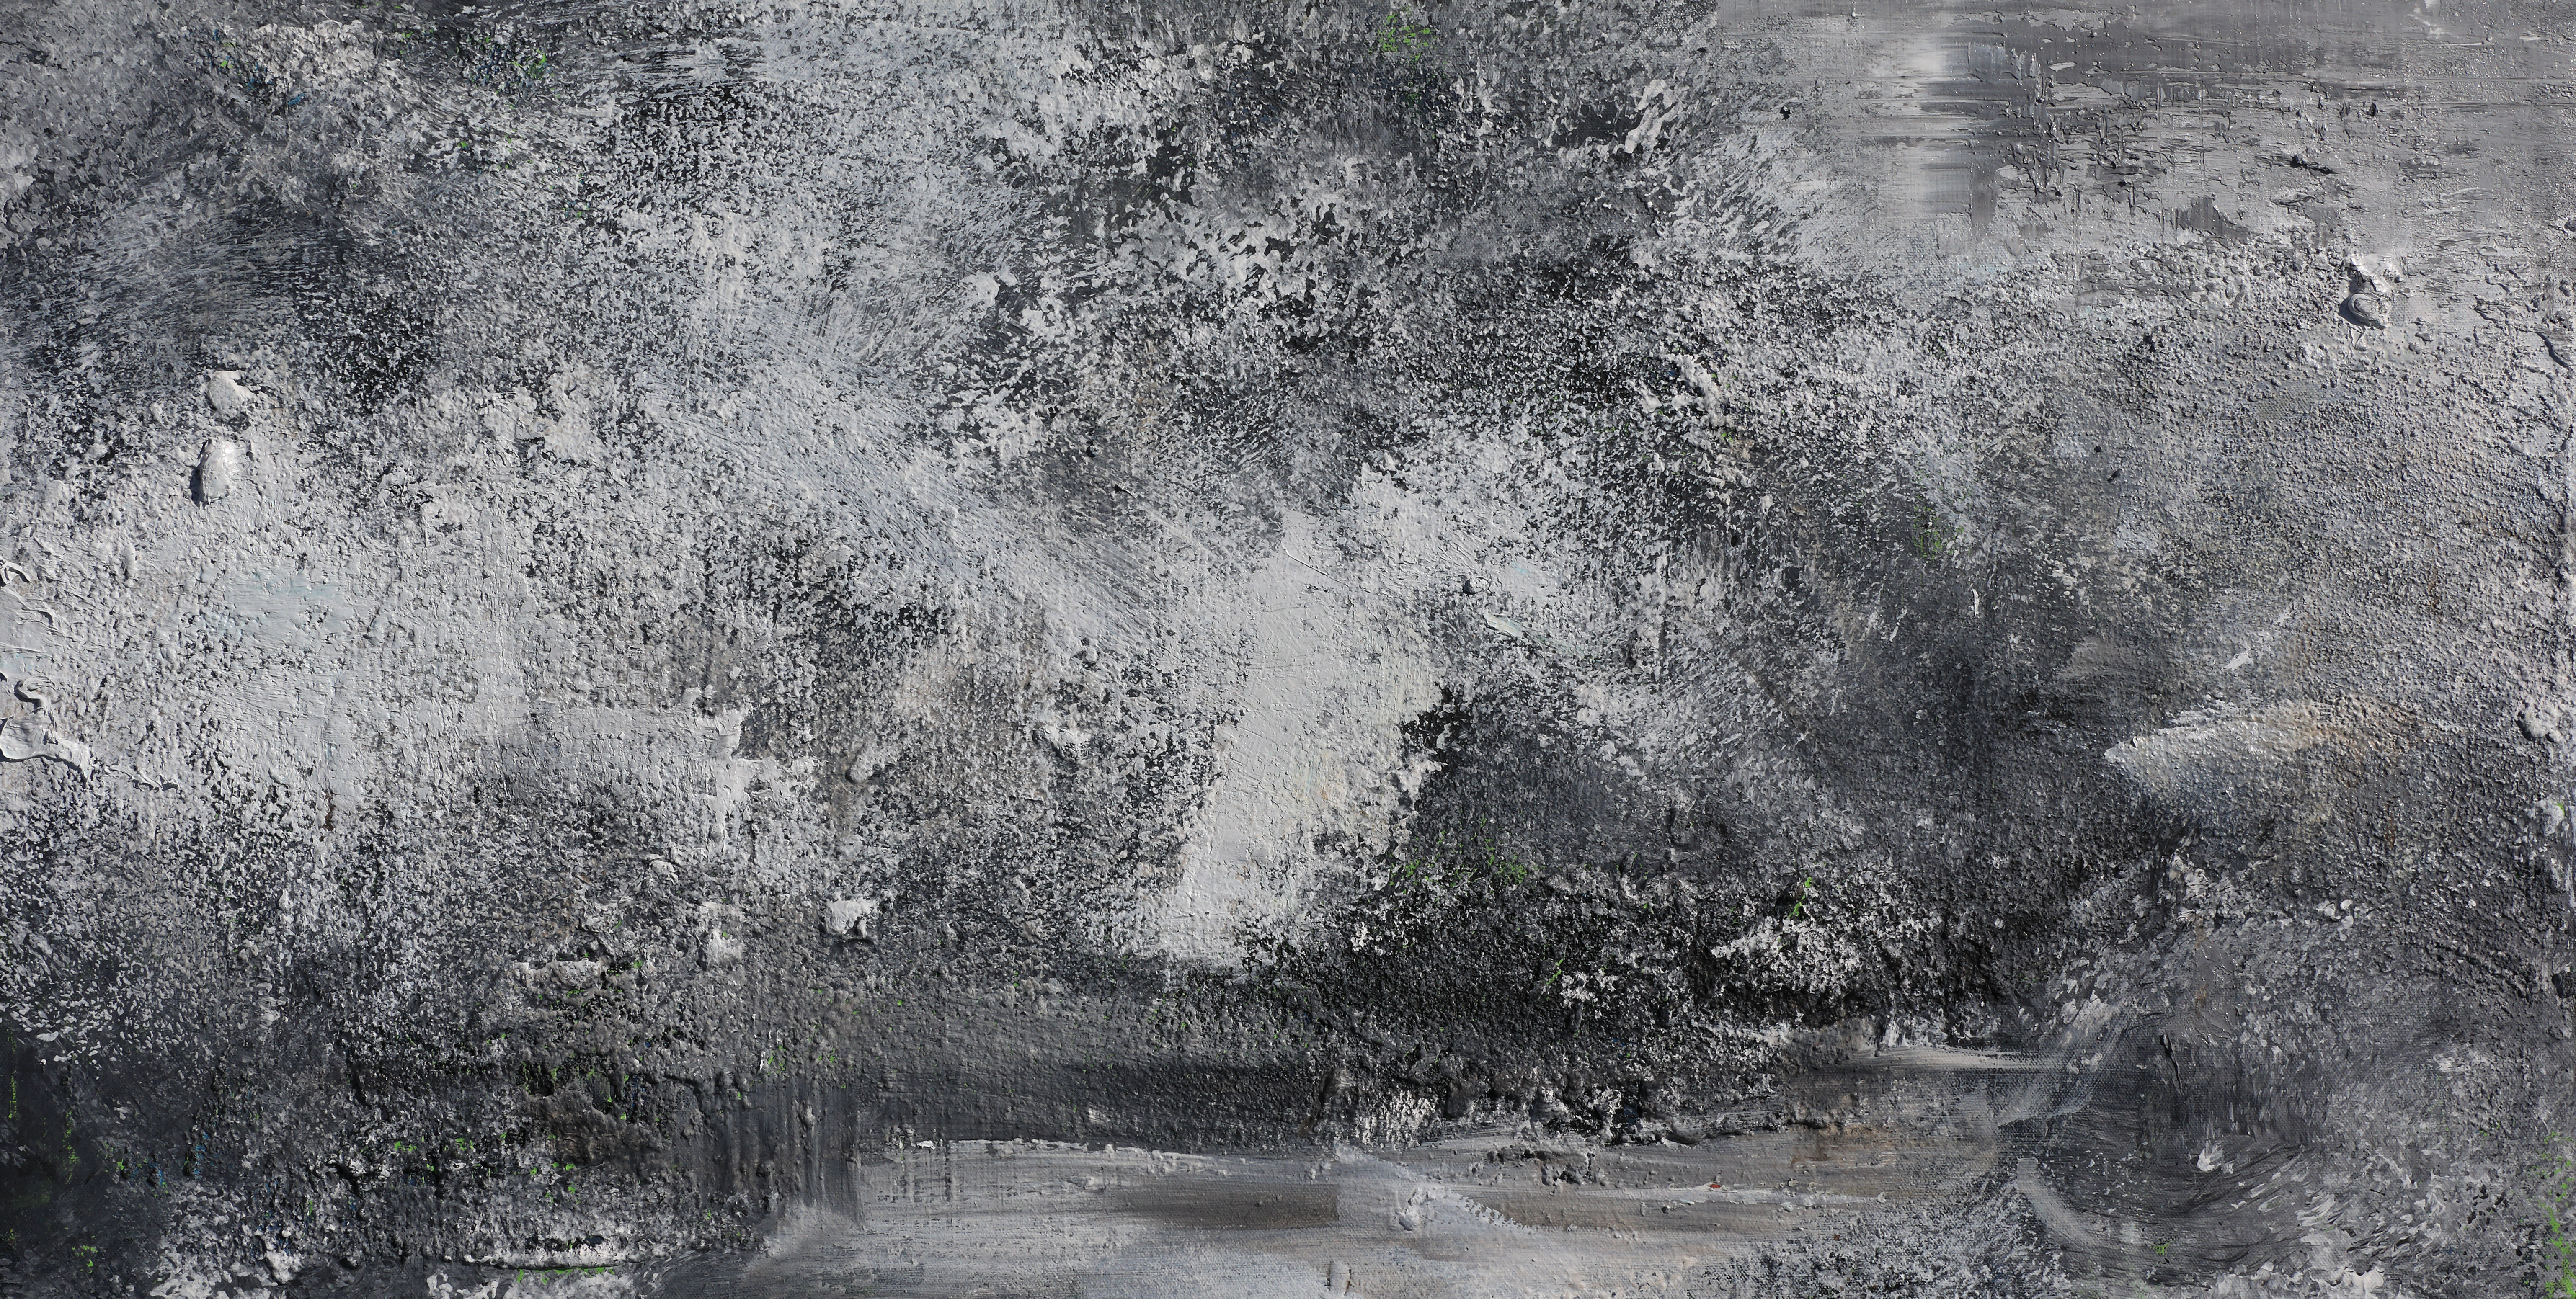 001, 연상록, 자연의 마음을 담다 -冬 송학사 가는 길-, 100 x